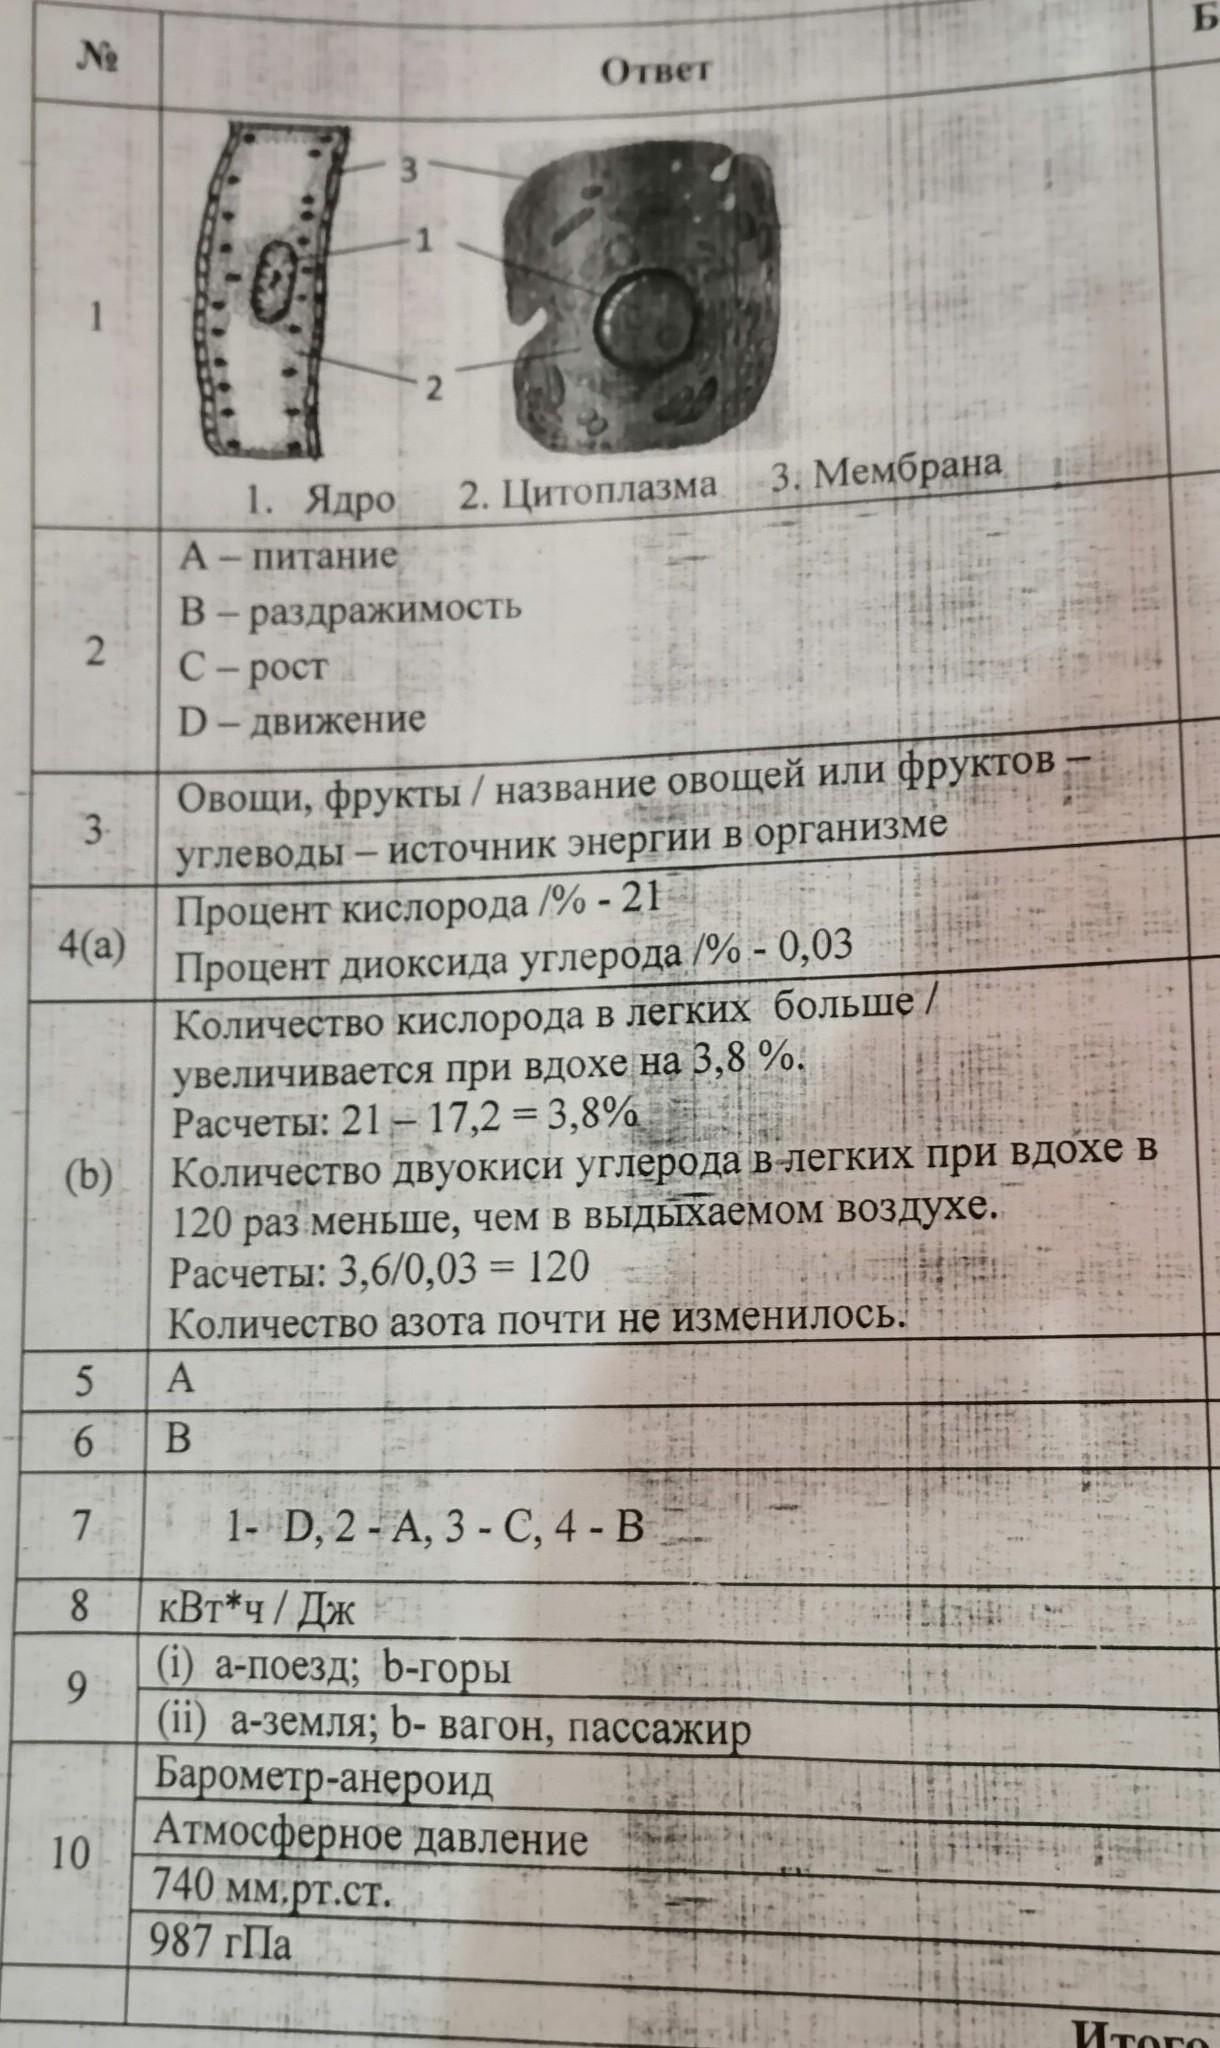 Соч по естество знанию 6 класс 3 четверть ответы